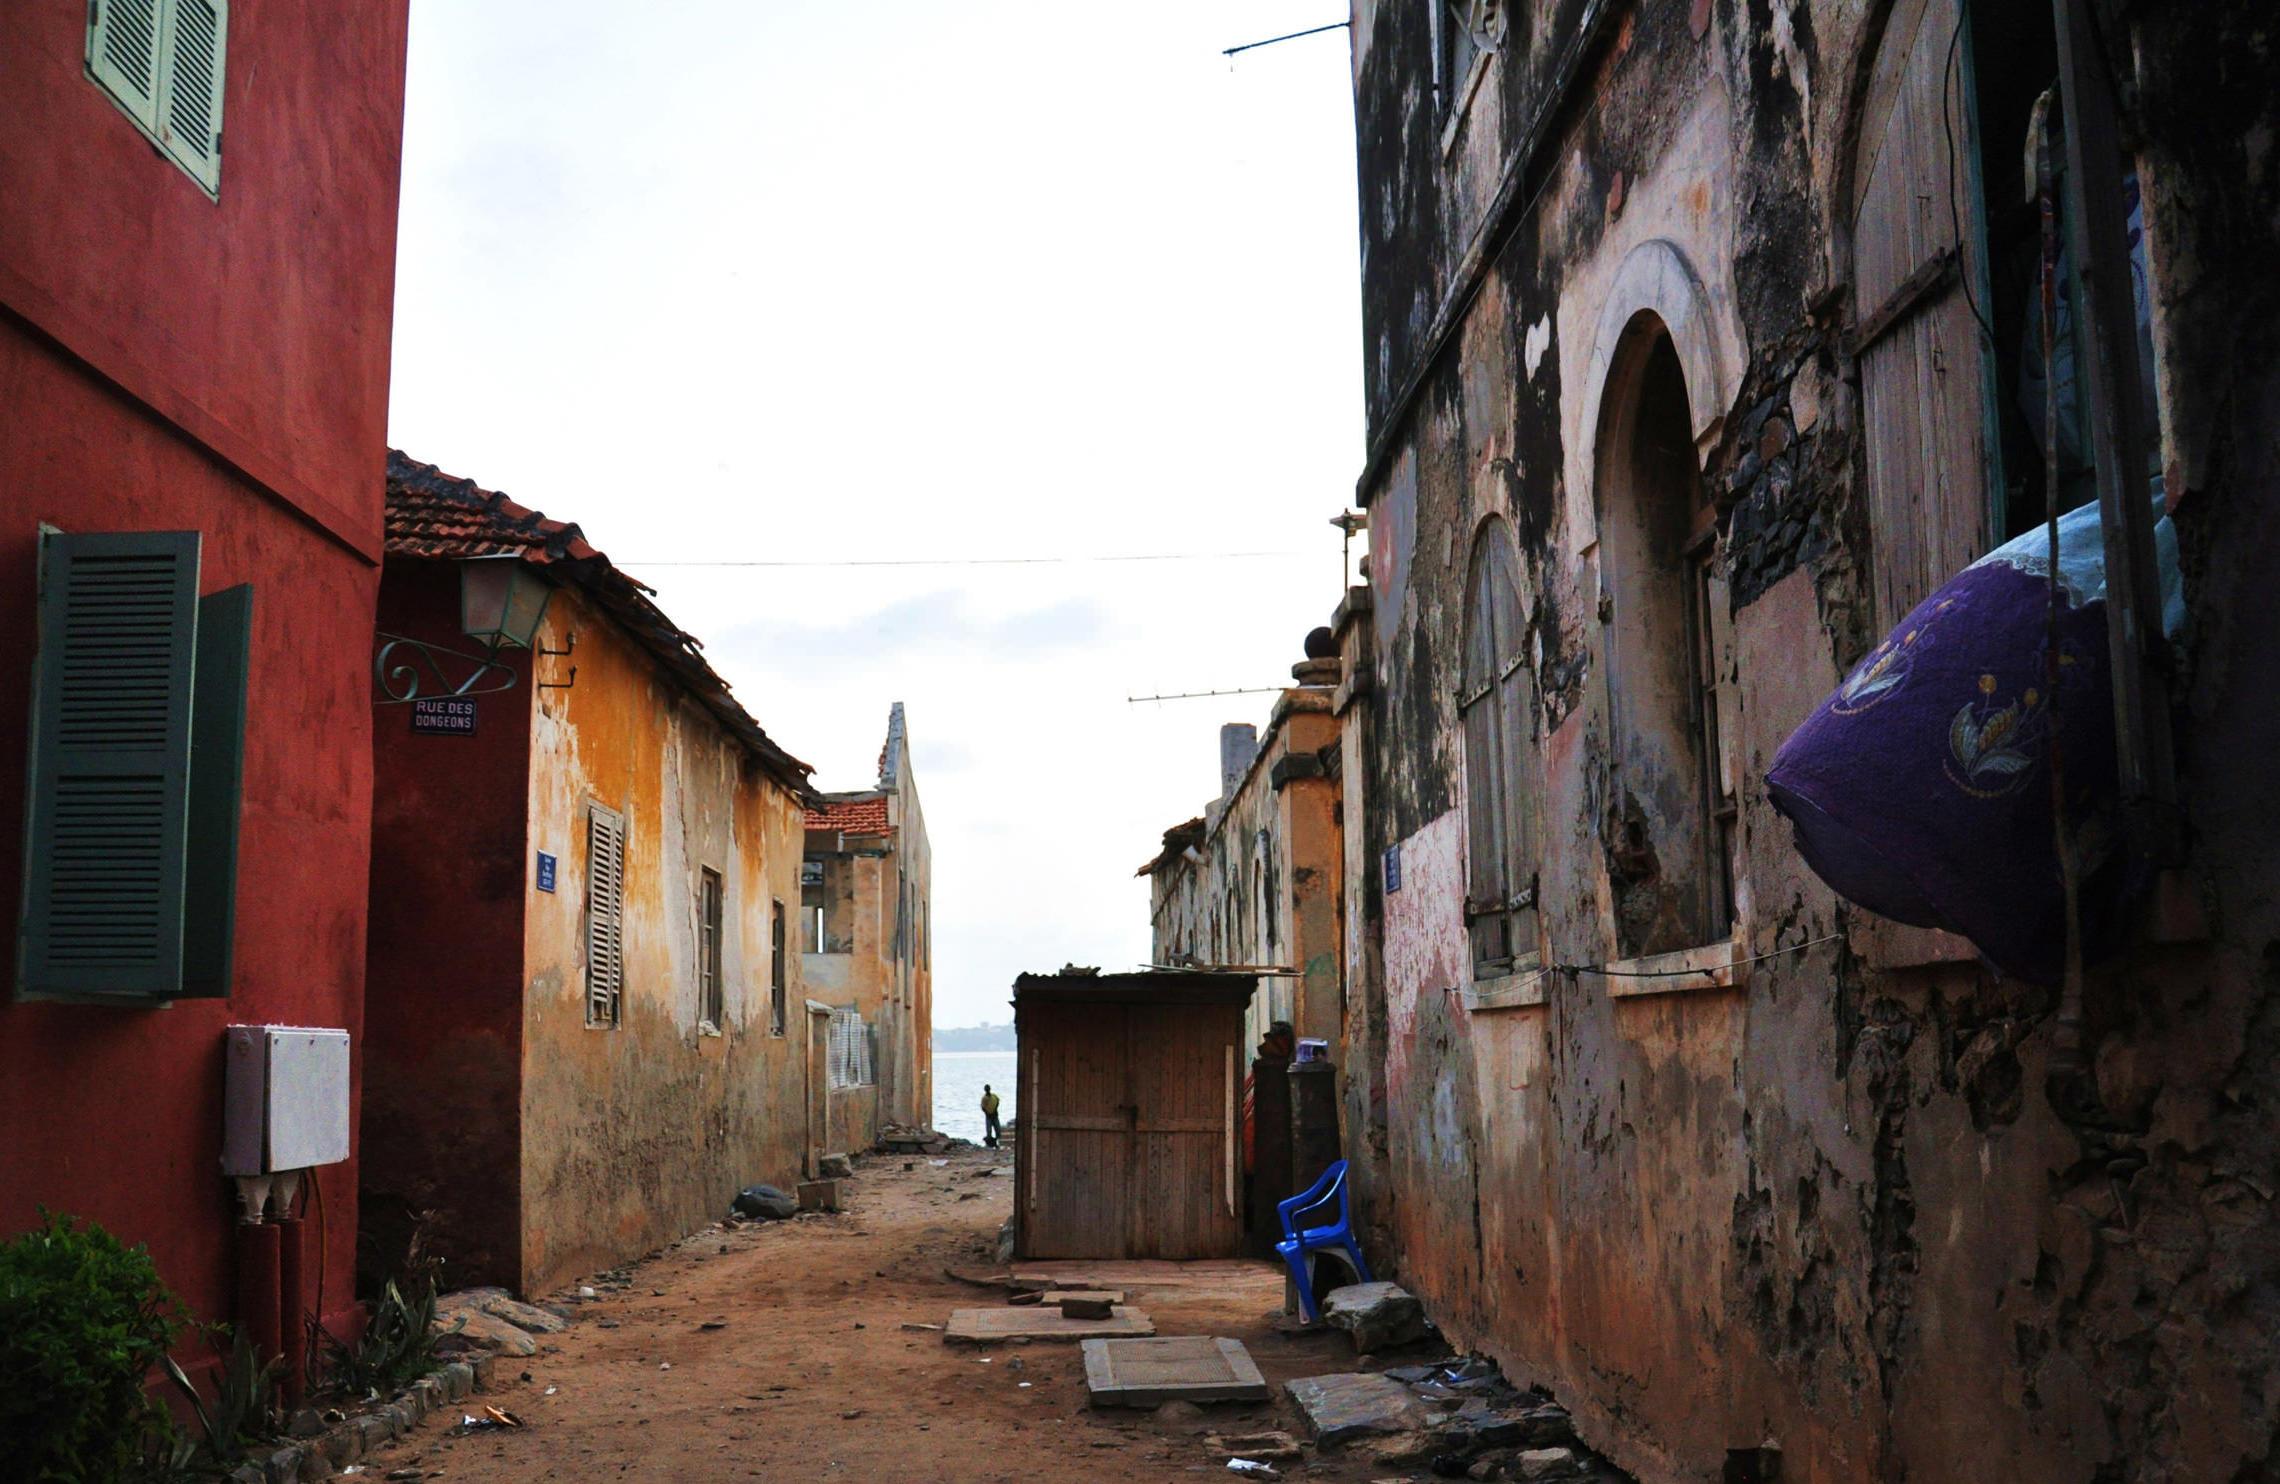 Sénégal, rue sur l'île de Gorée